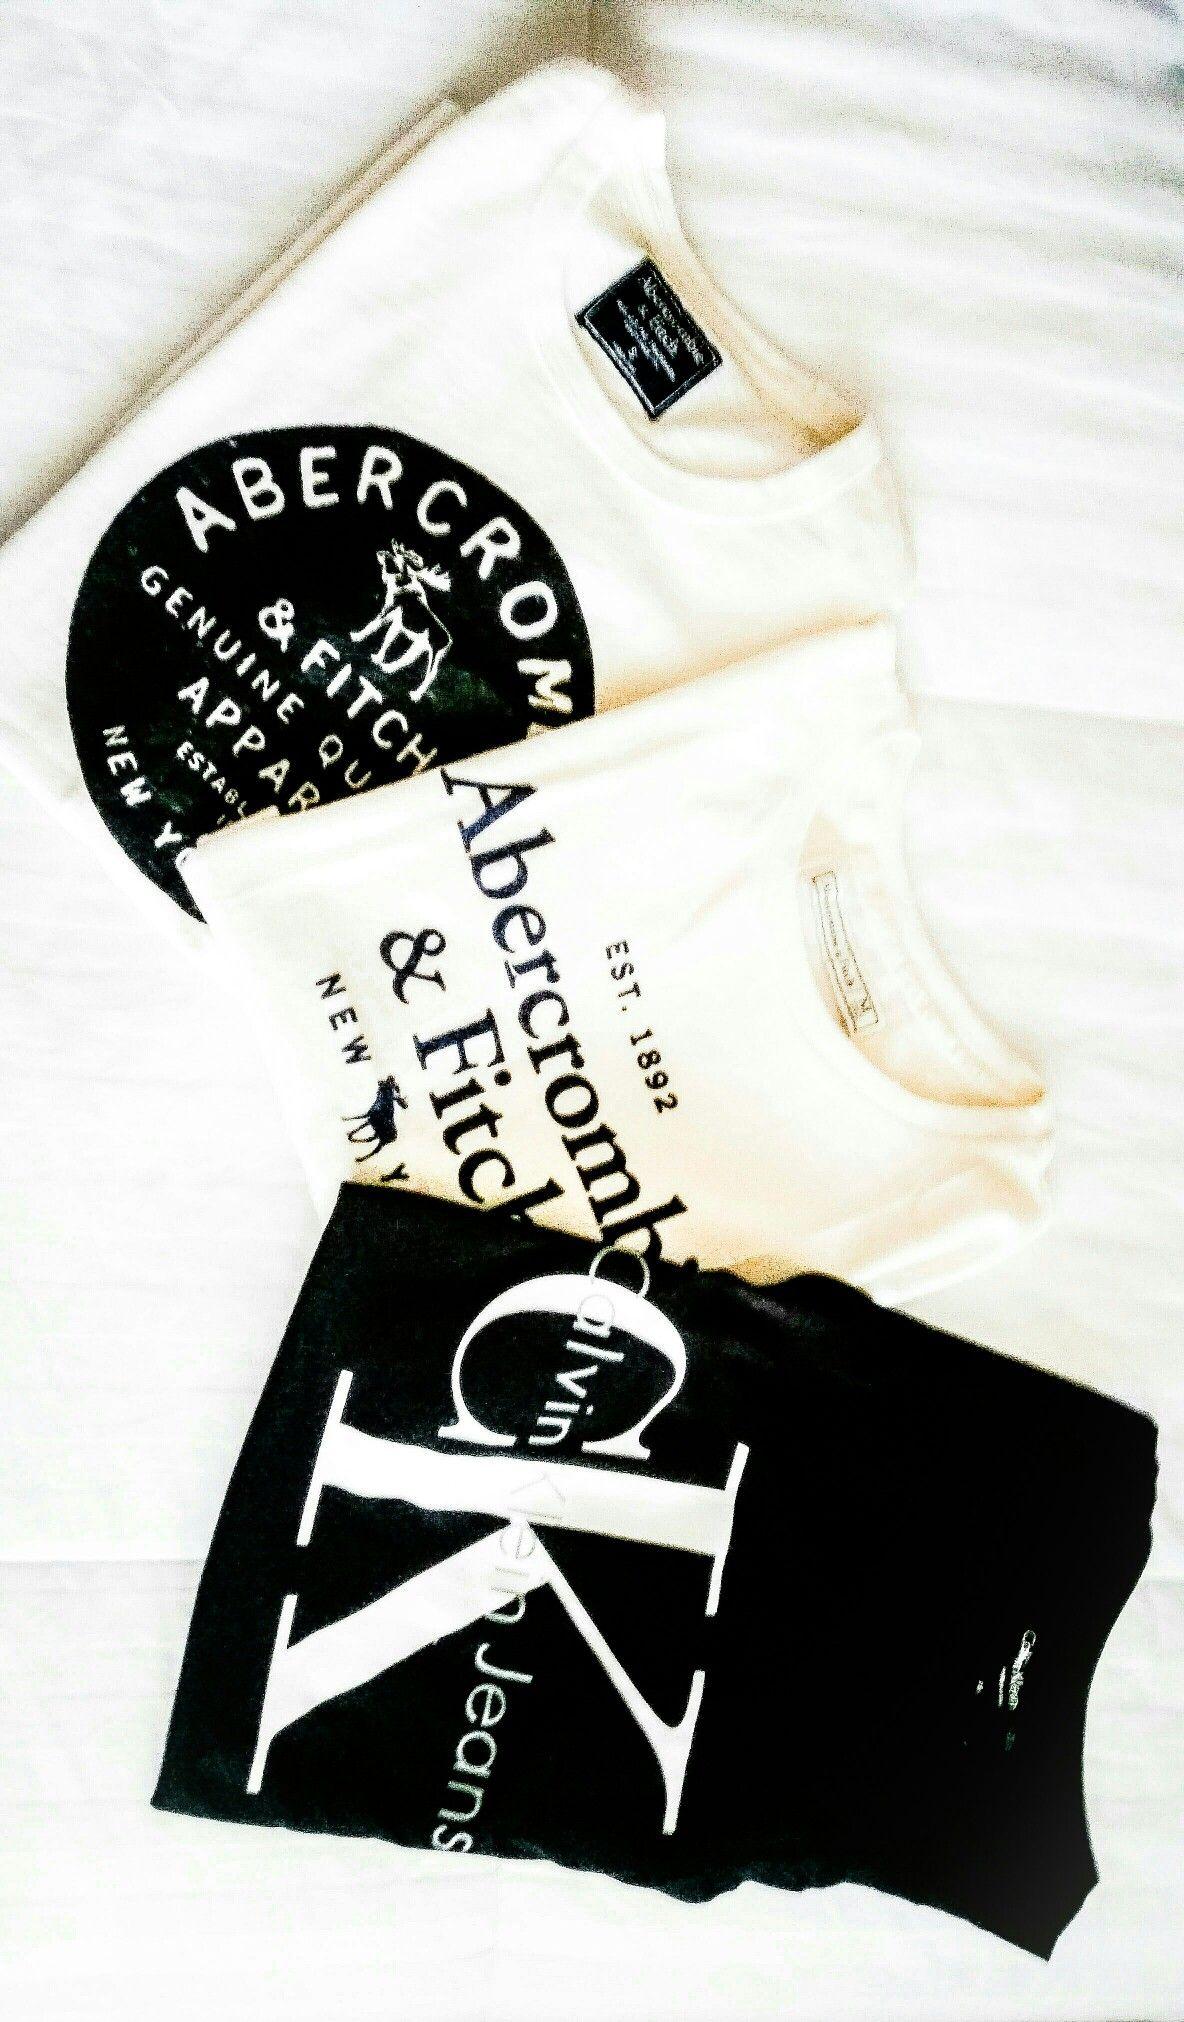 Abercrombie & Fitch / Calvin Klein  ___minimalist wardrobe___